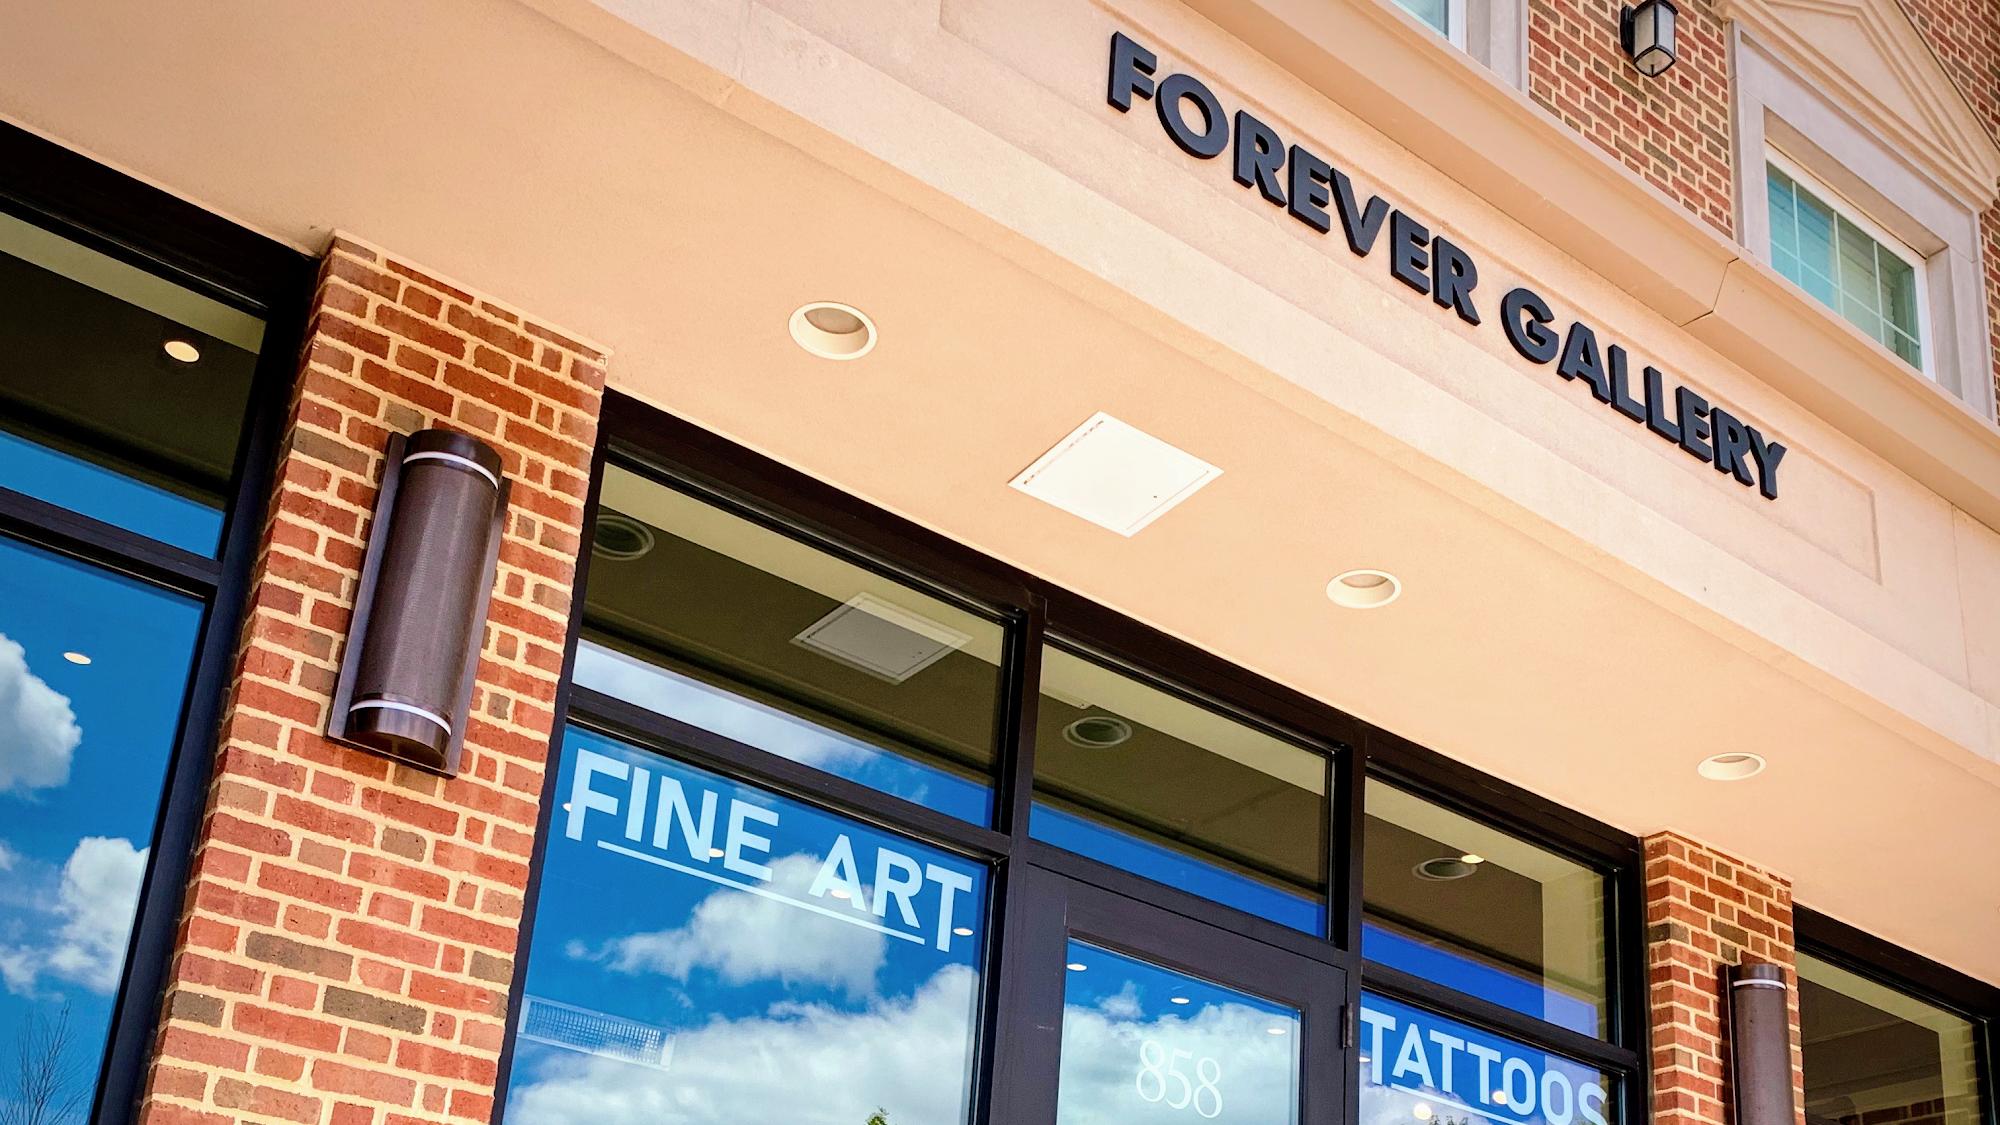 Forever Gallery Tattoo 858 S Rangeline Rd, Carmel